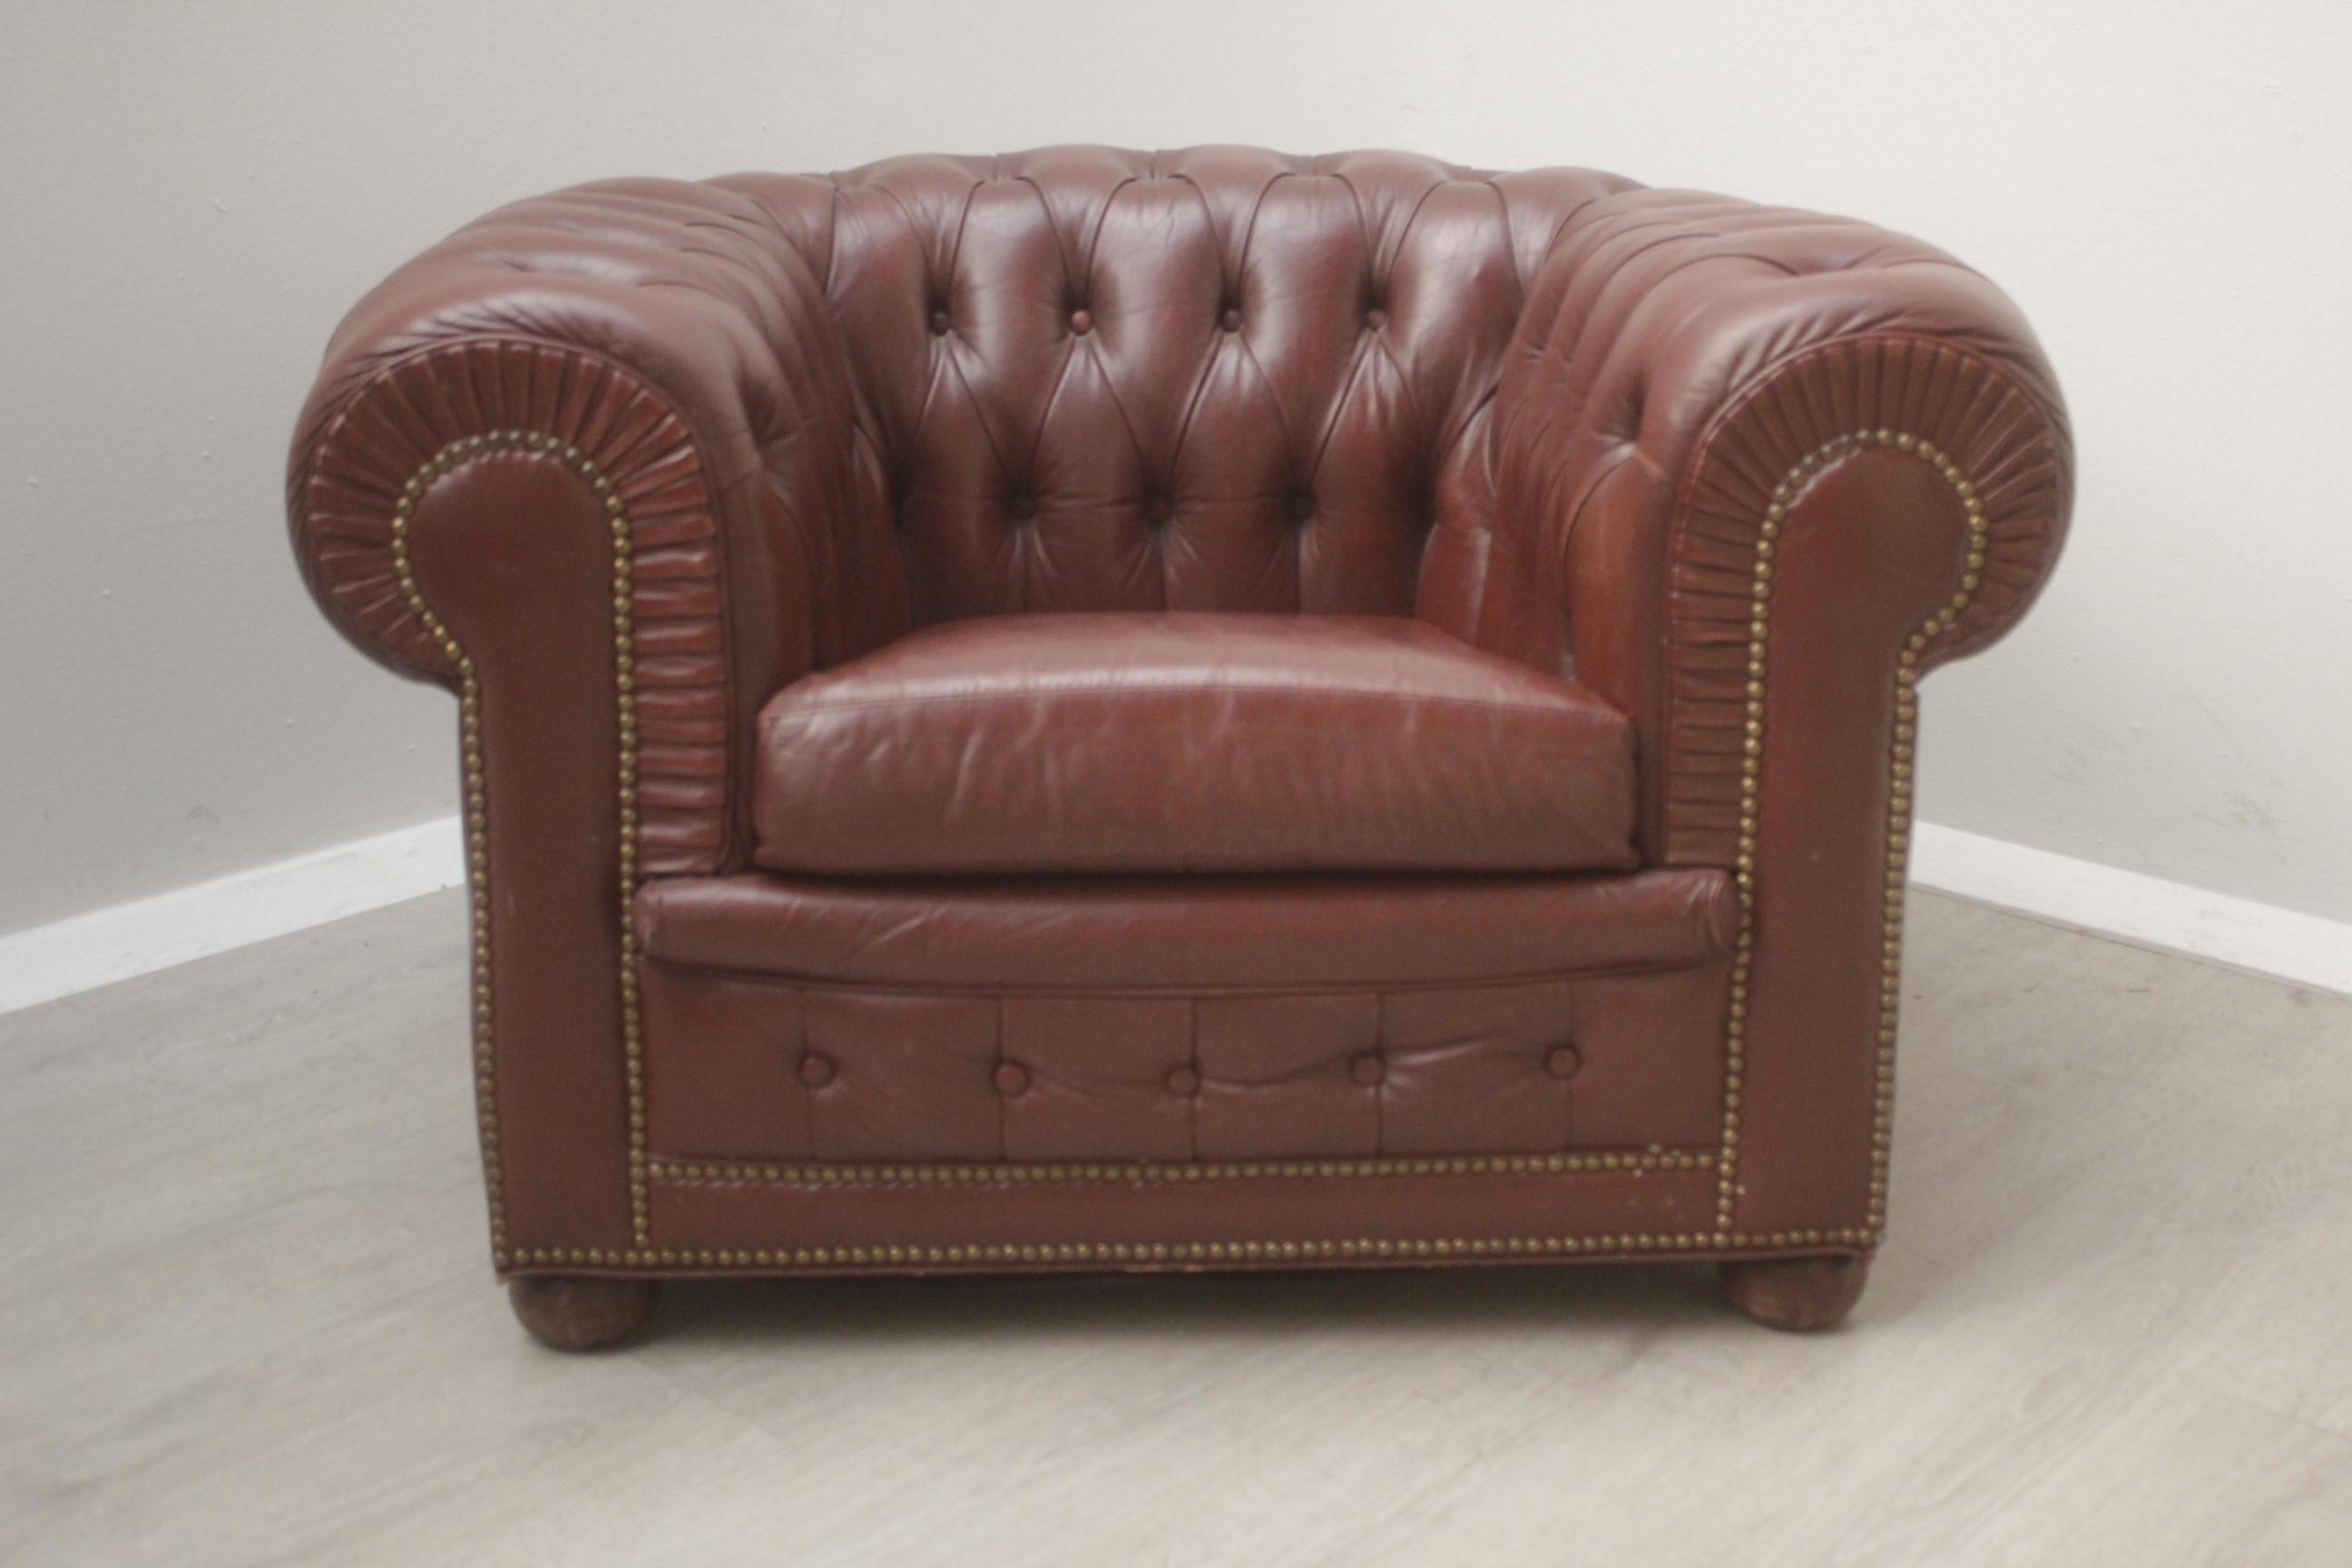 pourquoi vous devriez acheter vos meubles d occasion catawiki. Black Bedroom Furniture Sets. Home Design Ideas